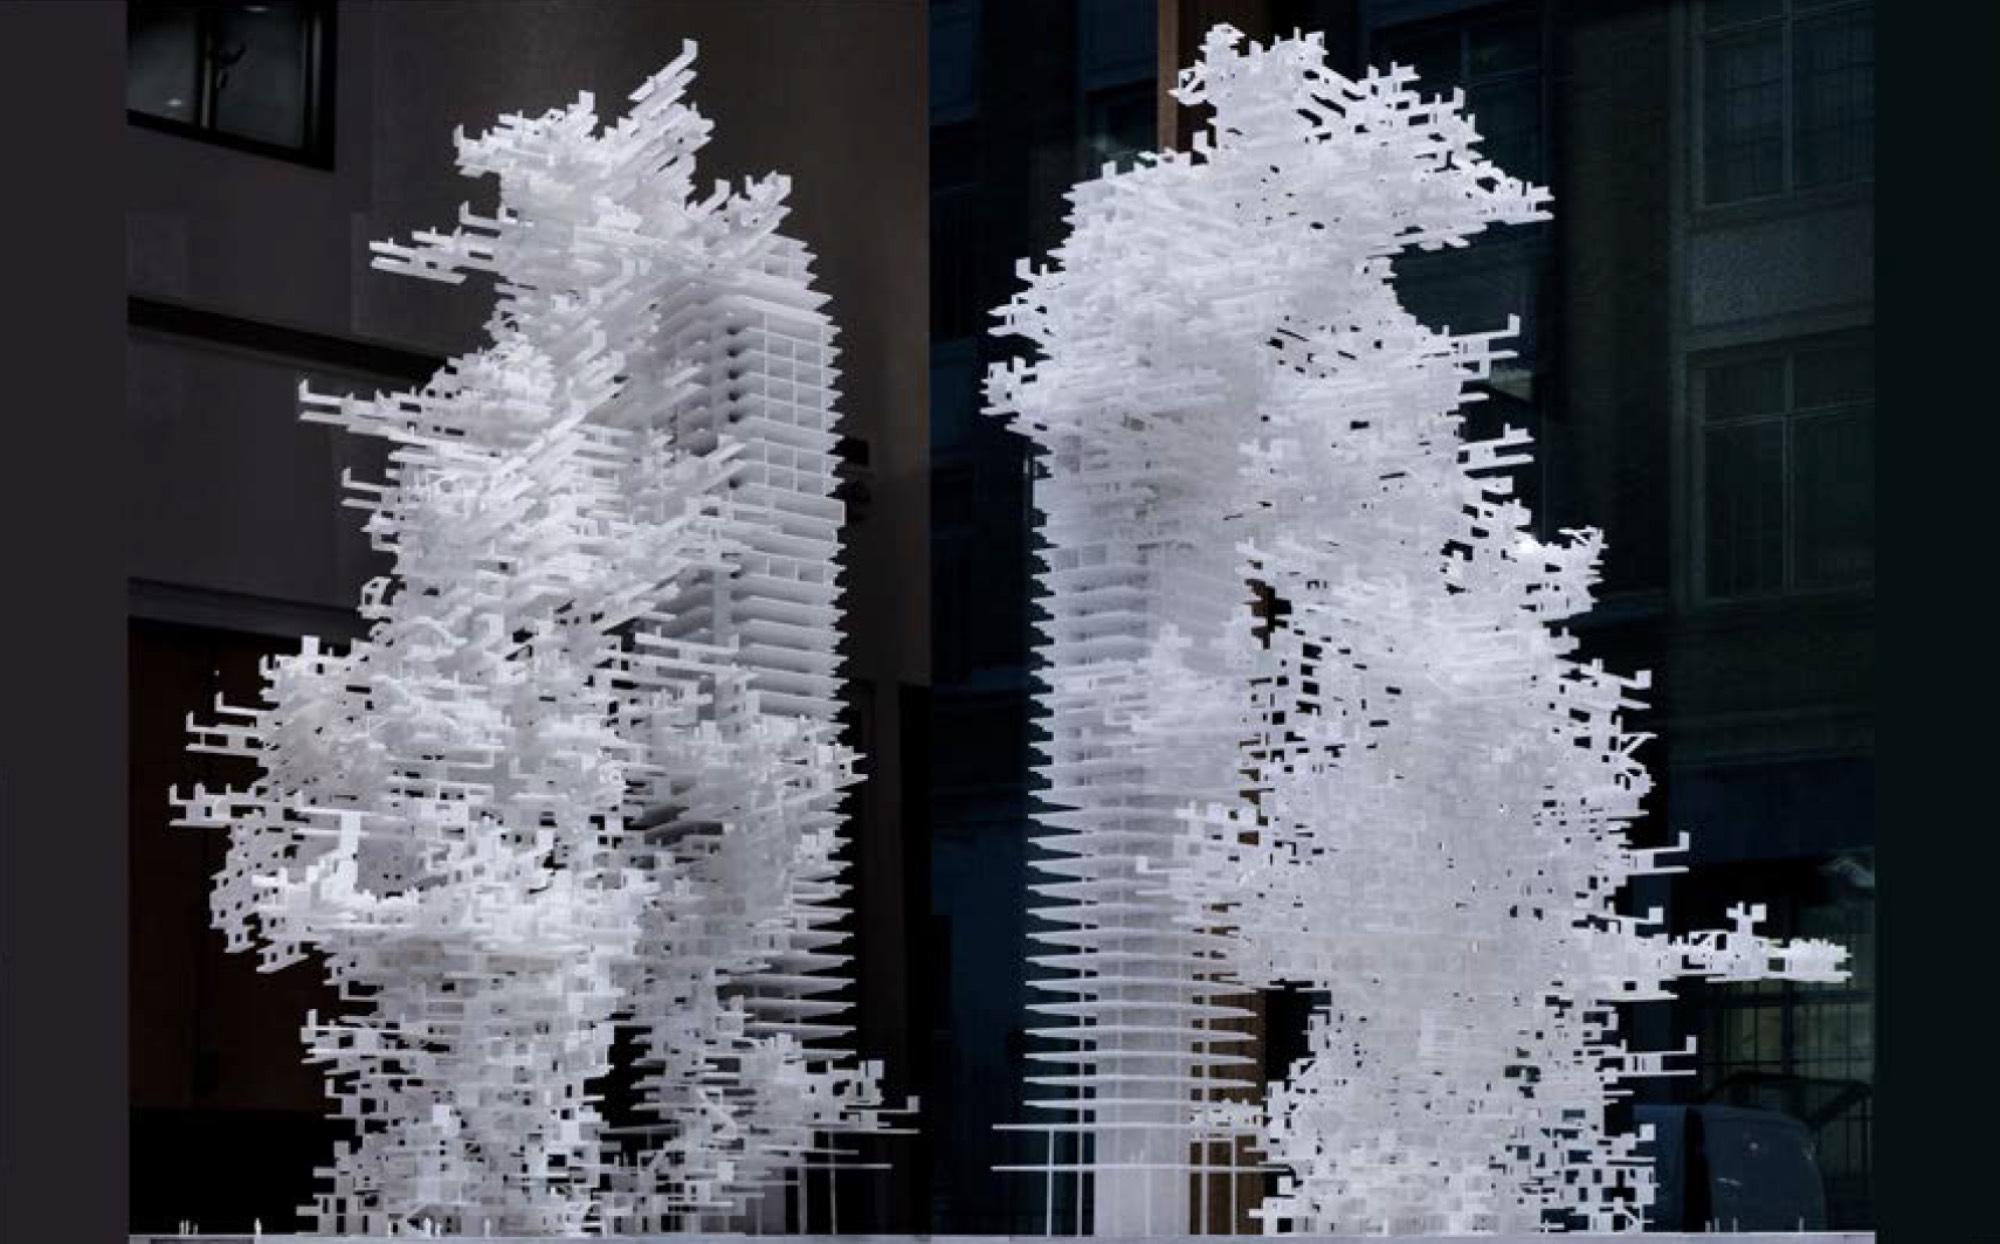 Η αρχιτεκτονική στην ψηφιακή εποχή: από τους αλγόριθμους στο κατασκευασμένο έργο